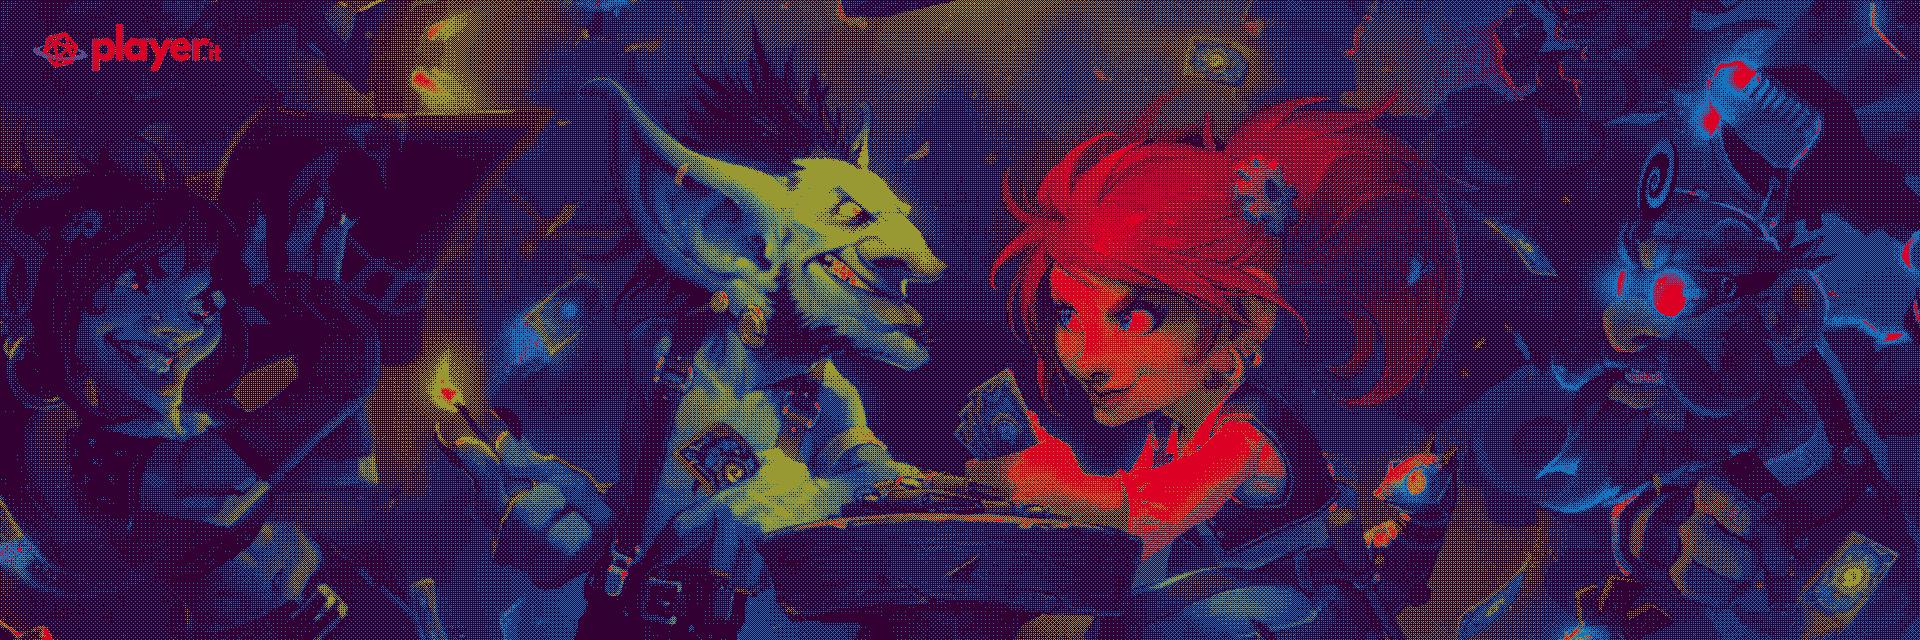 hearthstone wallpaper e scheda gioco